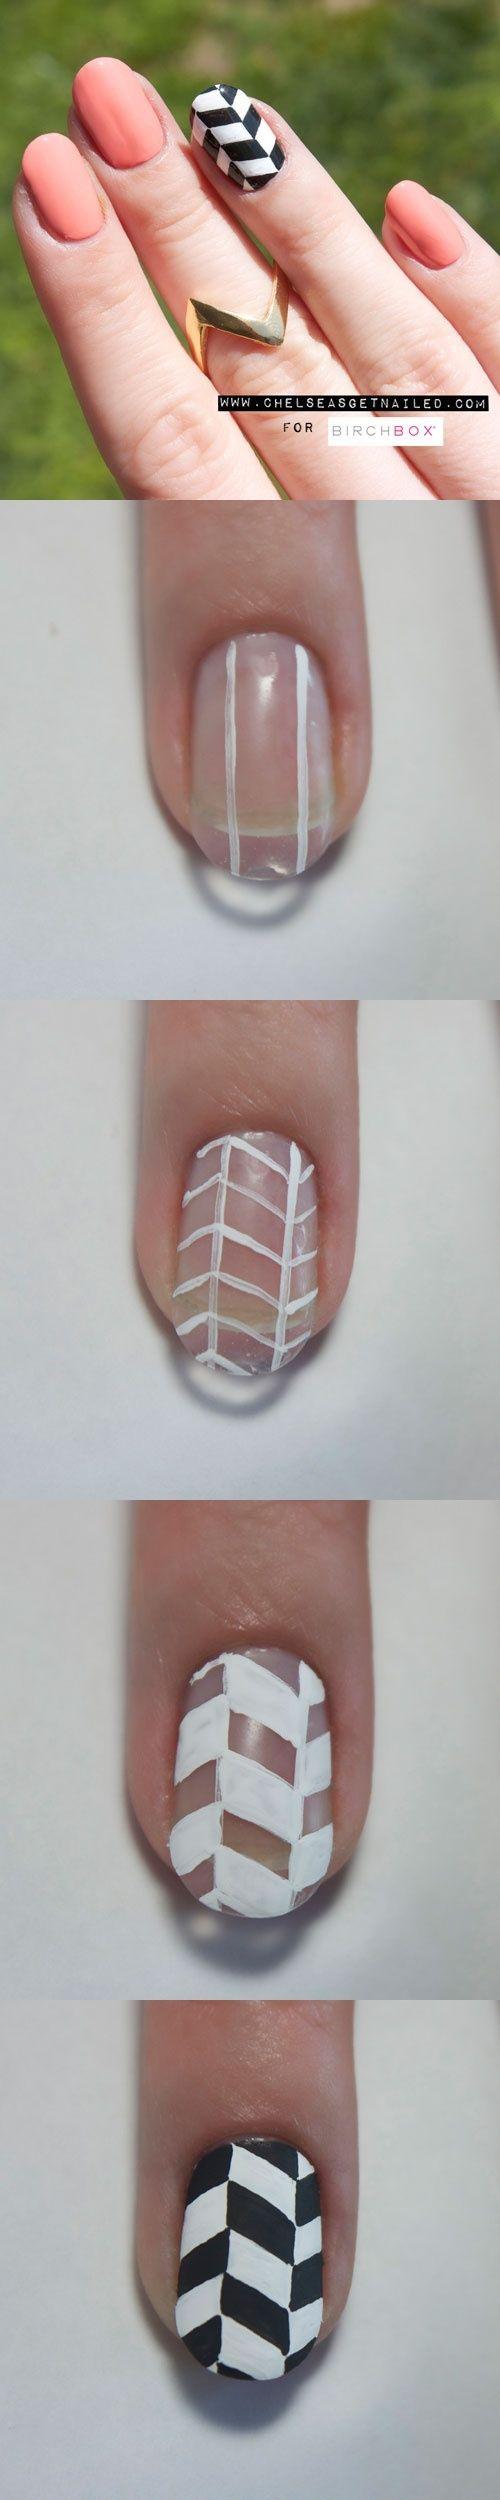 How To: Chevron Nail Art by nicolson.araya